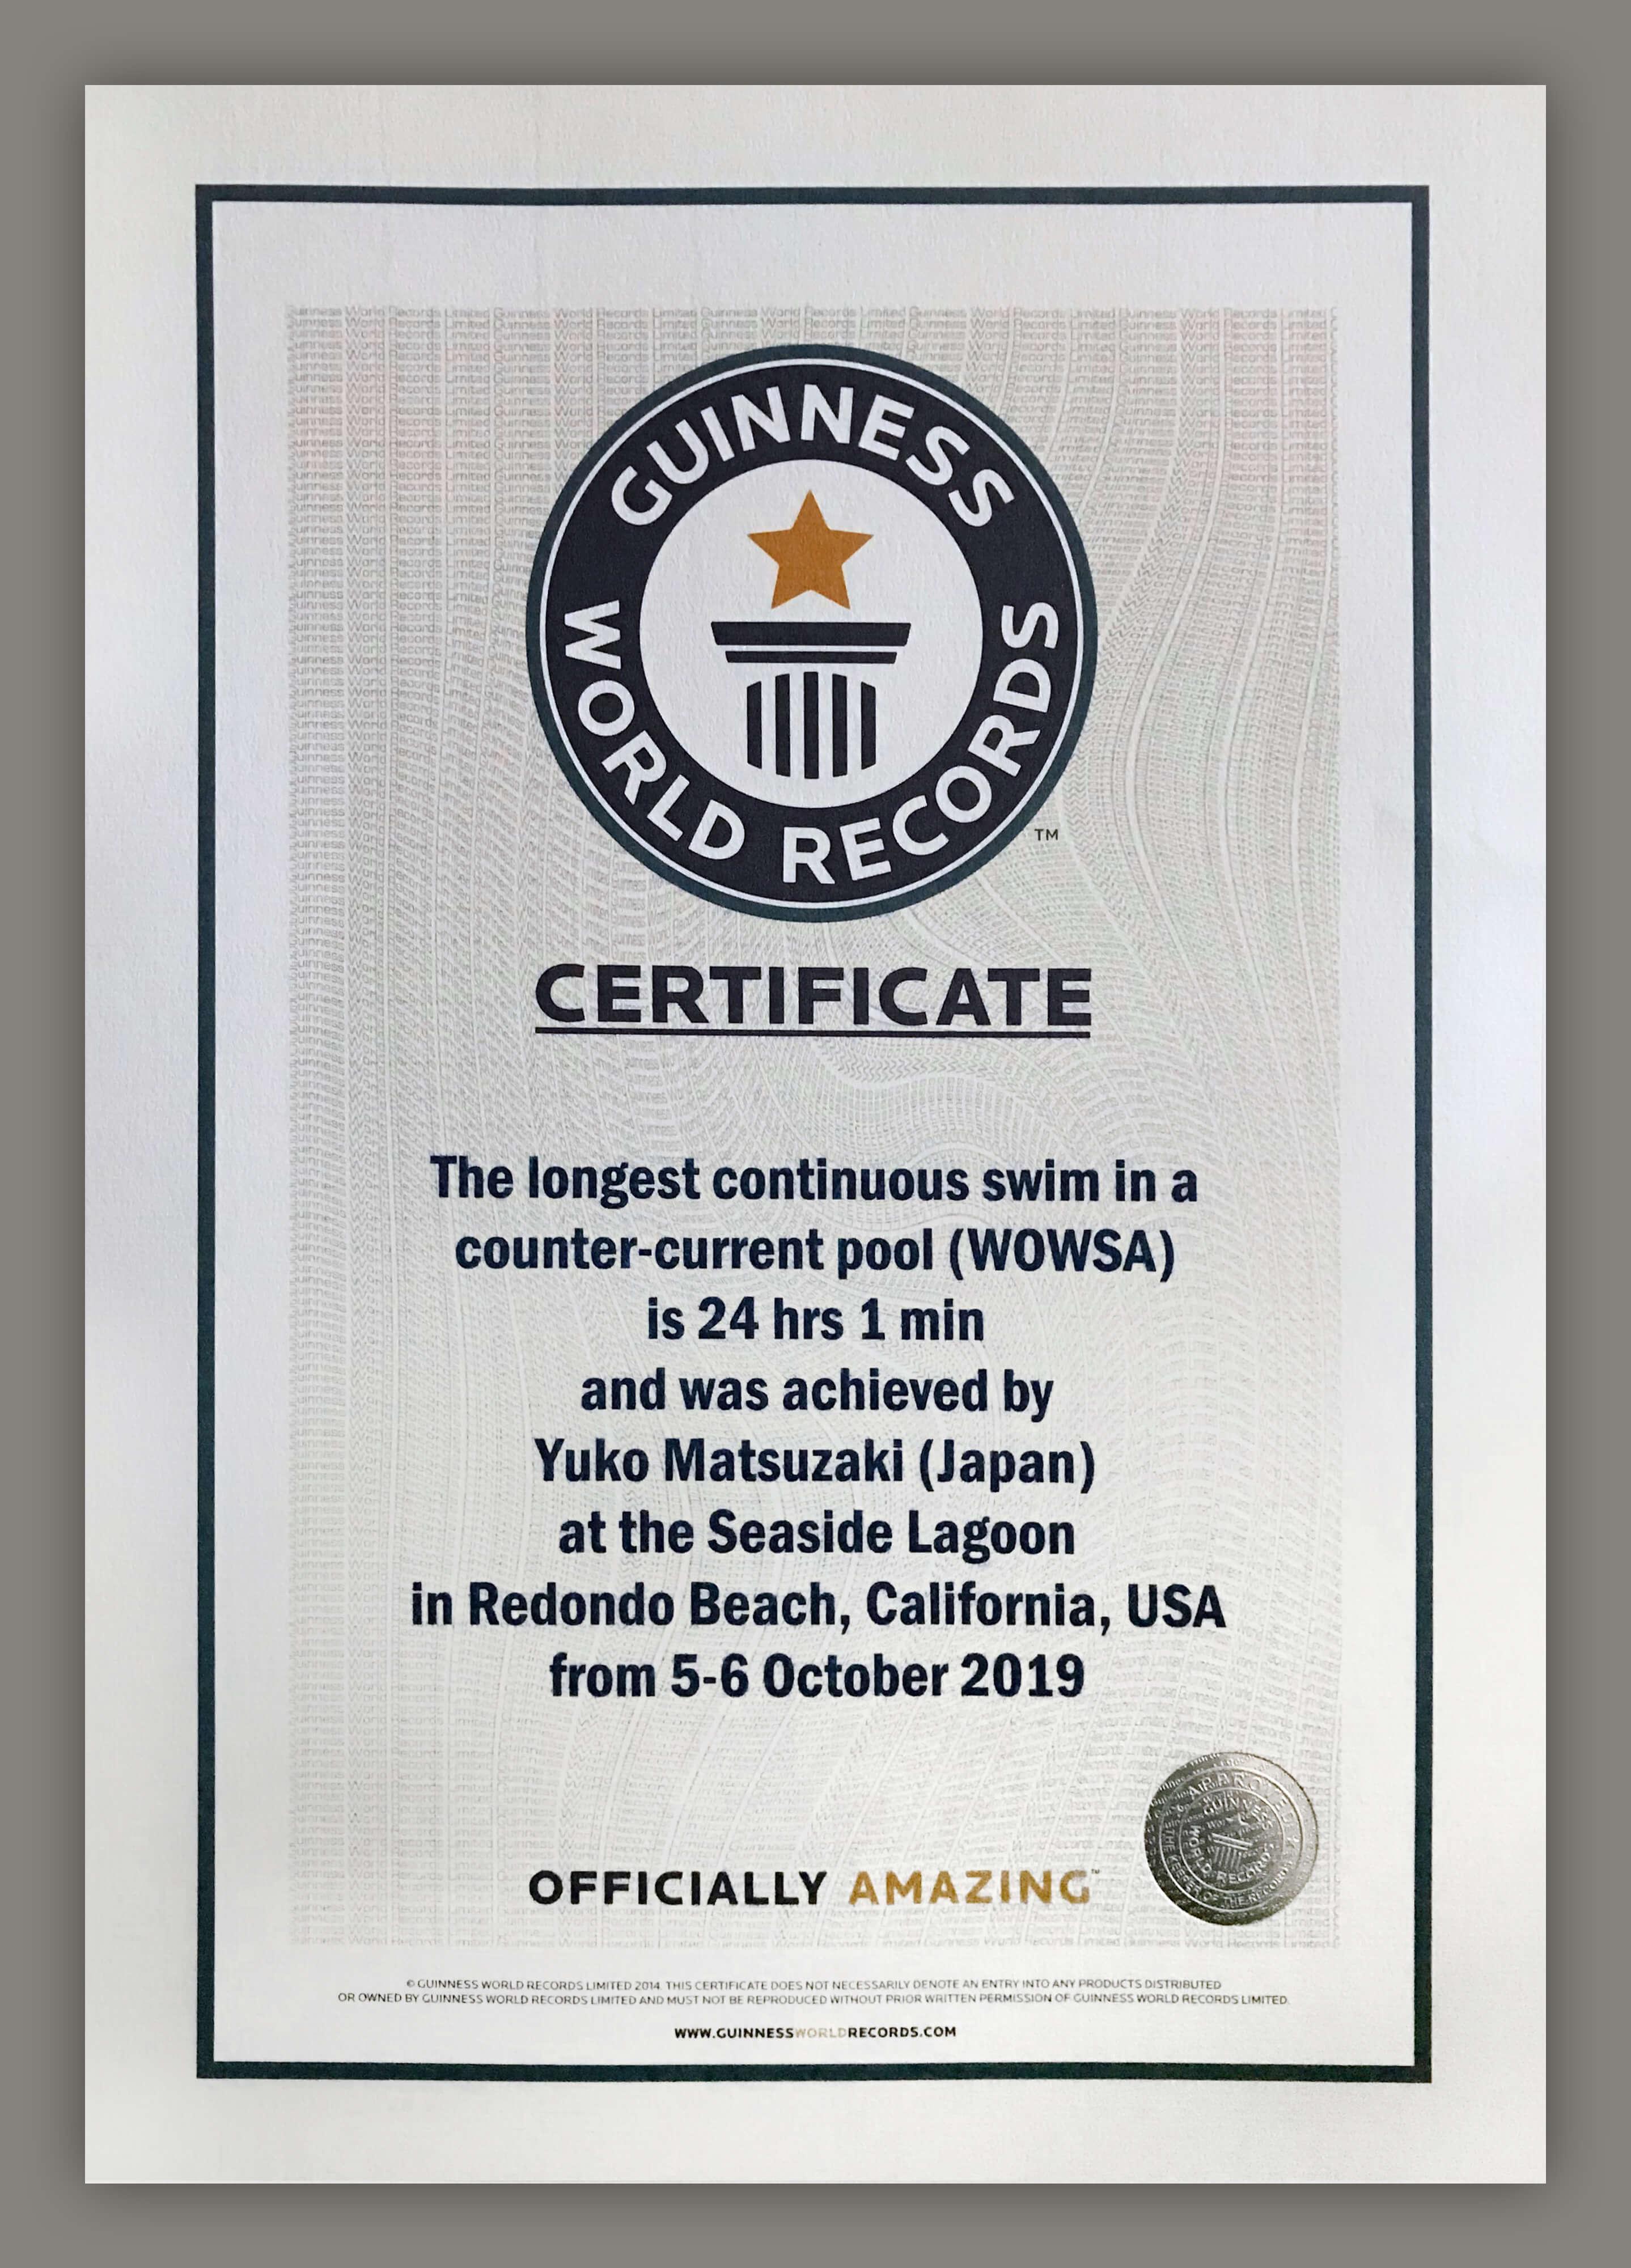 Yuko Matsuzaki's Guiness World Record certification